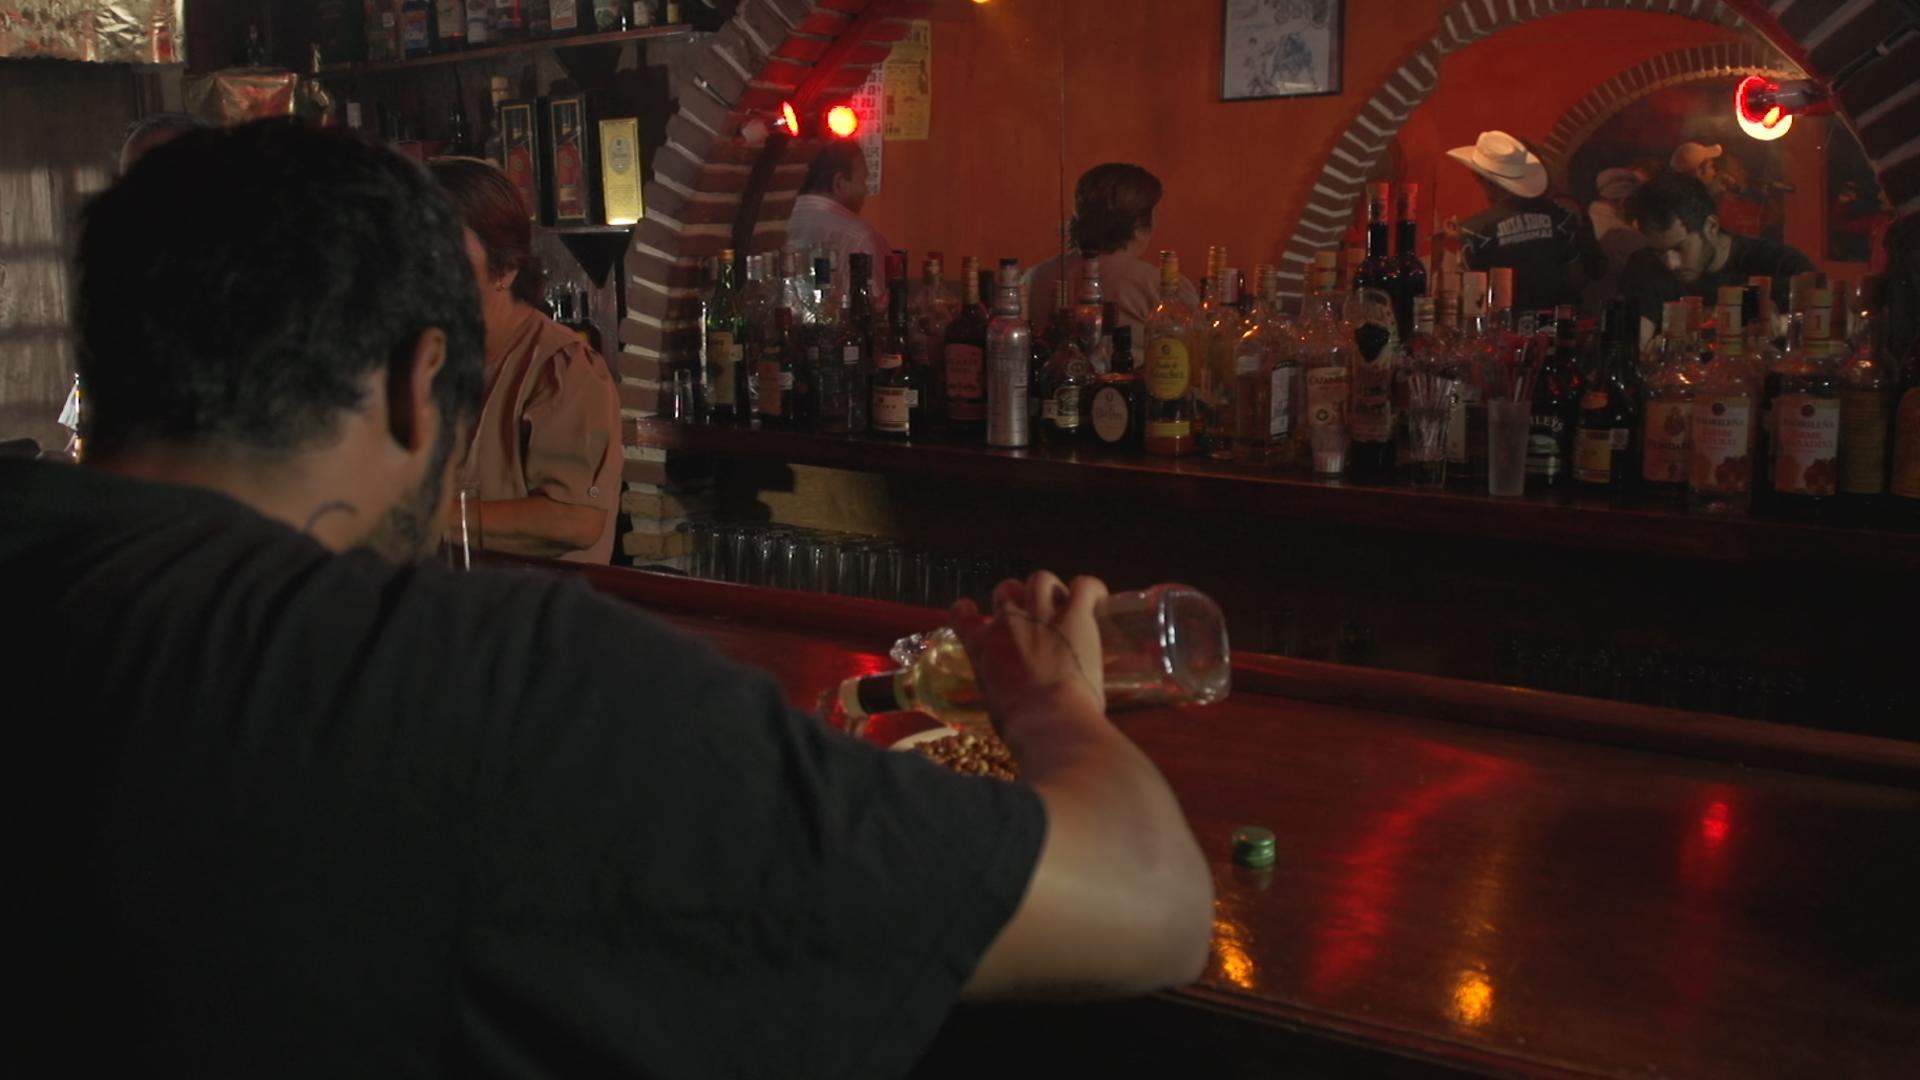 La imagen muestra al actor mexicano Hugo Catalán en la película Fuego Adentro dirigida por Jesús Mario Lozano en una cantina bebiendo tequila.